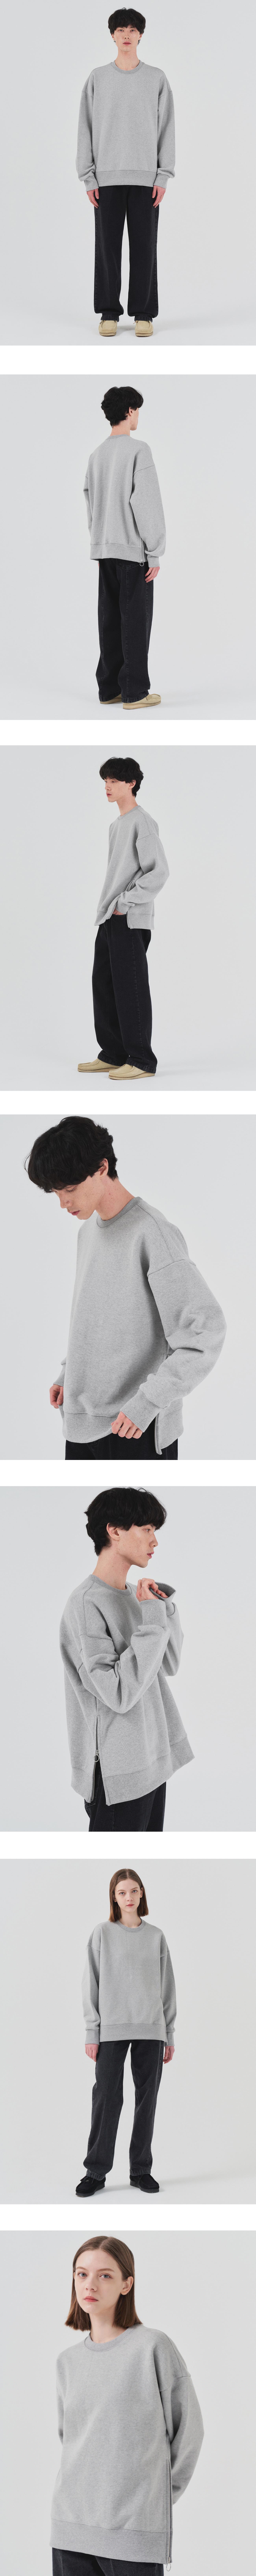 커스텀어클락(COSTUME O'CLOCK) 사이드 지퍼 스웻 셔츠 그레이